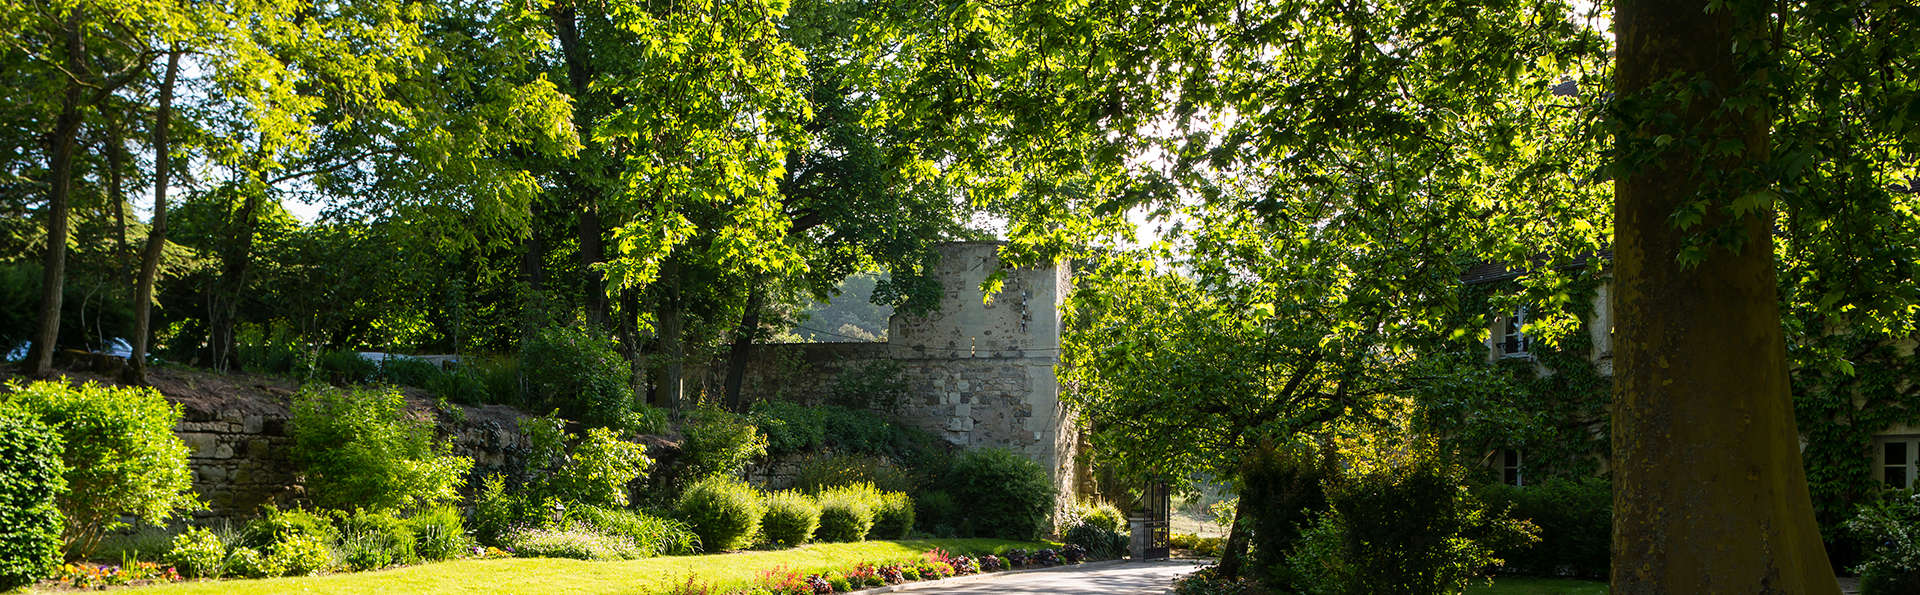 Château de Fere - edit_ENTREE_DU_CHATEAU.jpg